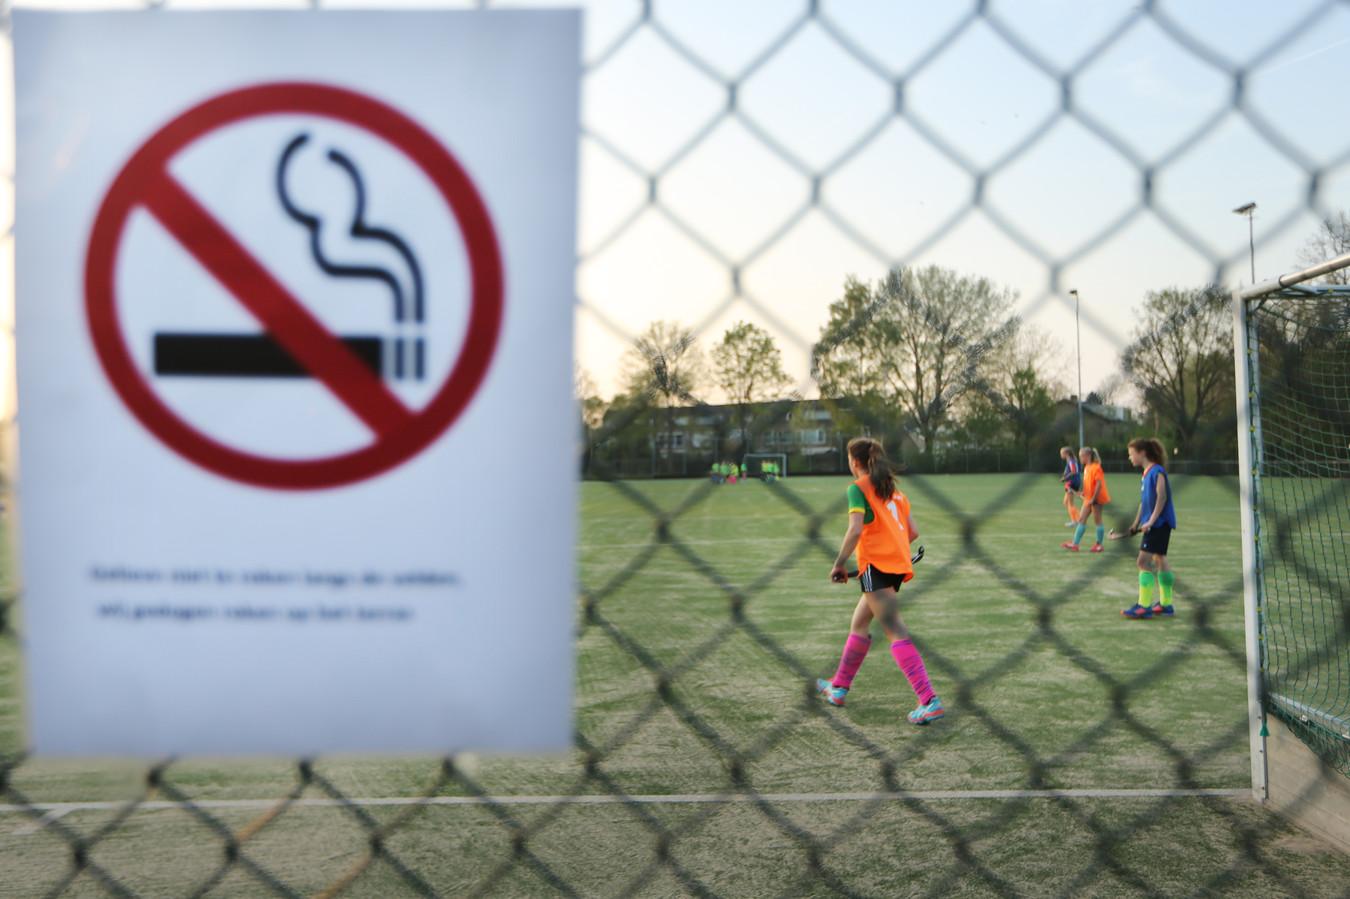 Op steeds meer plekken wordt roken verboden, bijvoorbeeld door sportclubs. Ouders steken ook veel minder vaak in huis een sigaret op als hun kind erbij is.